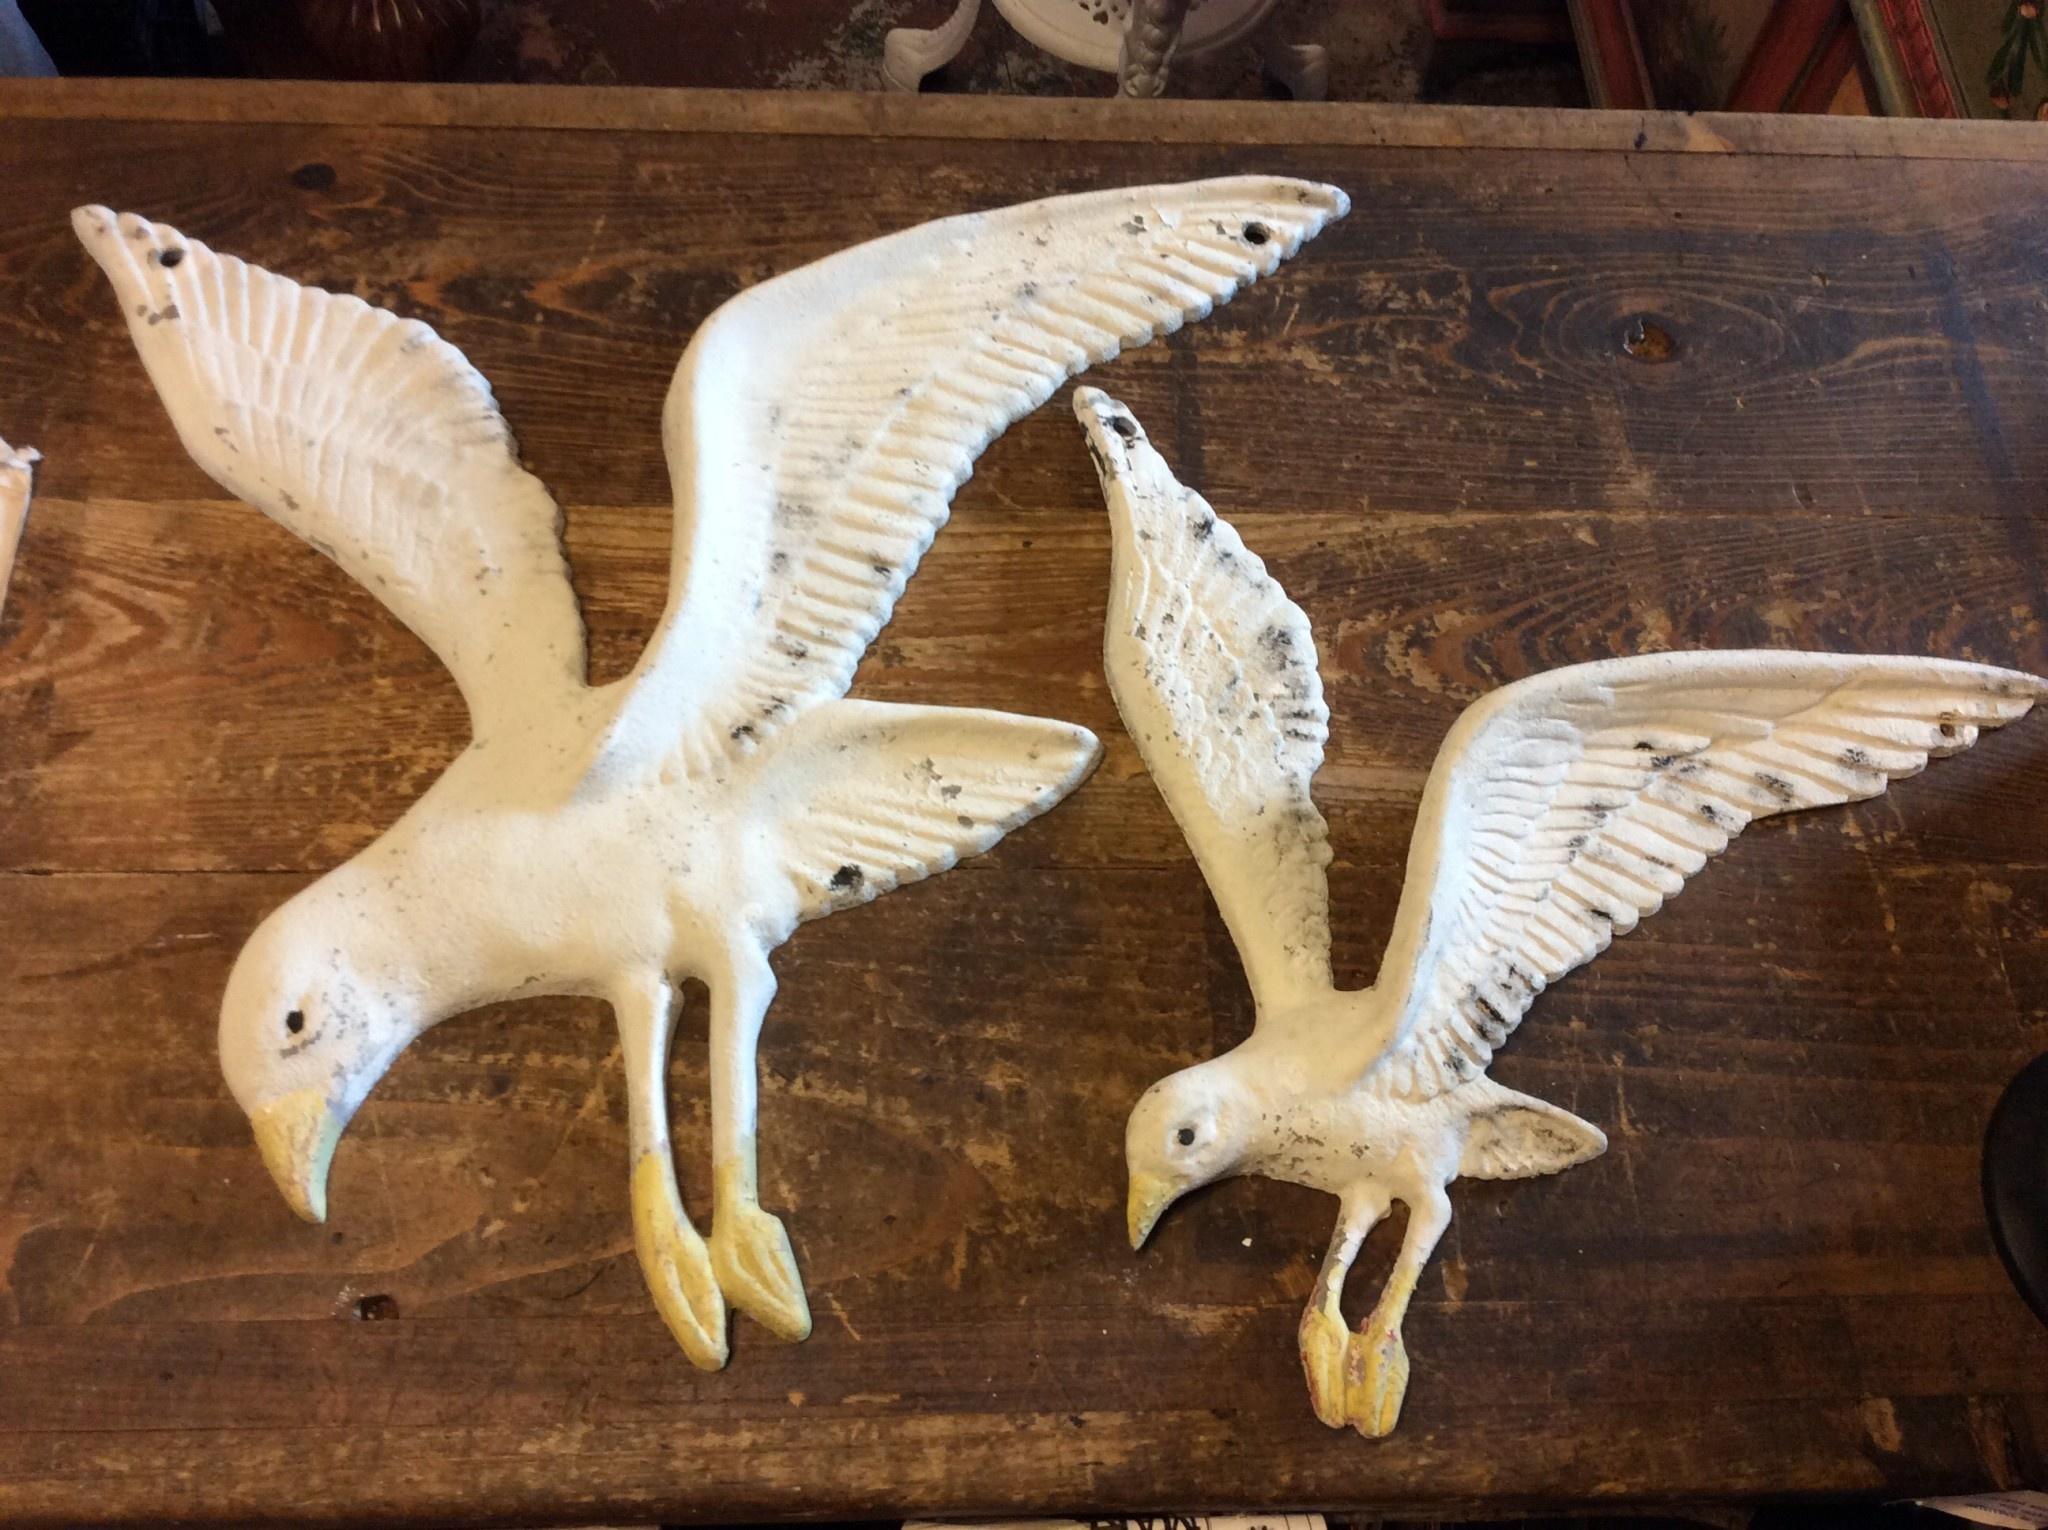 Iron seagull